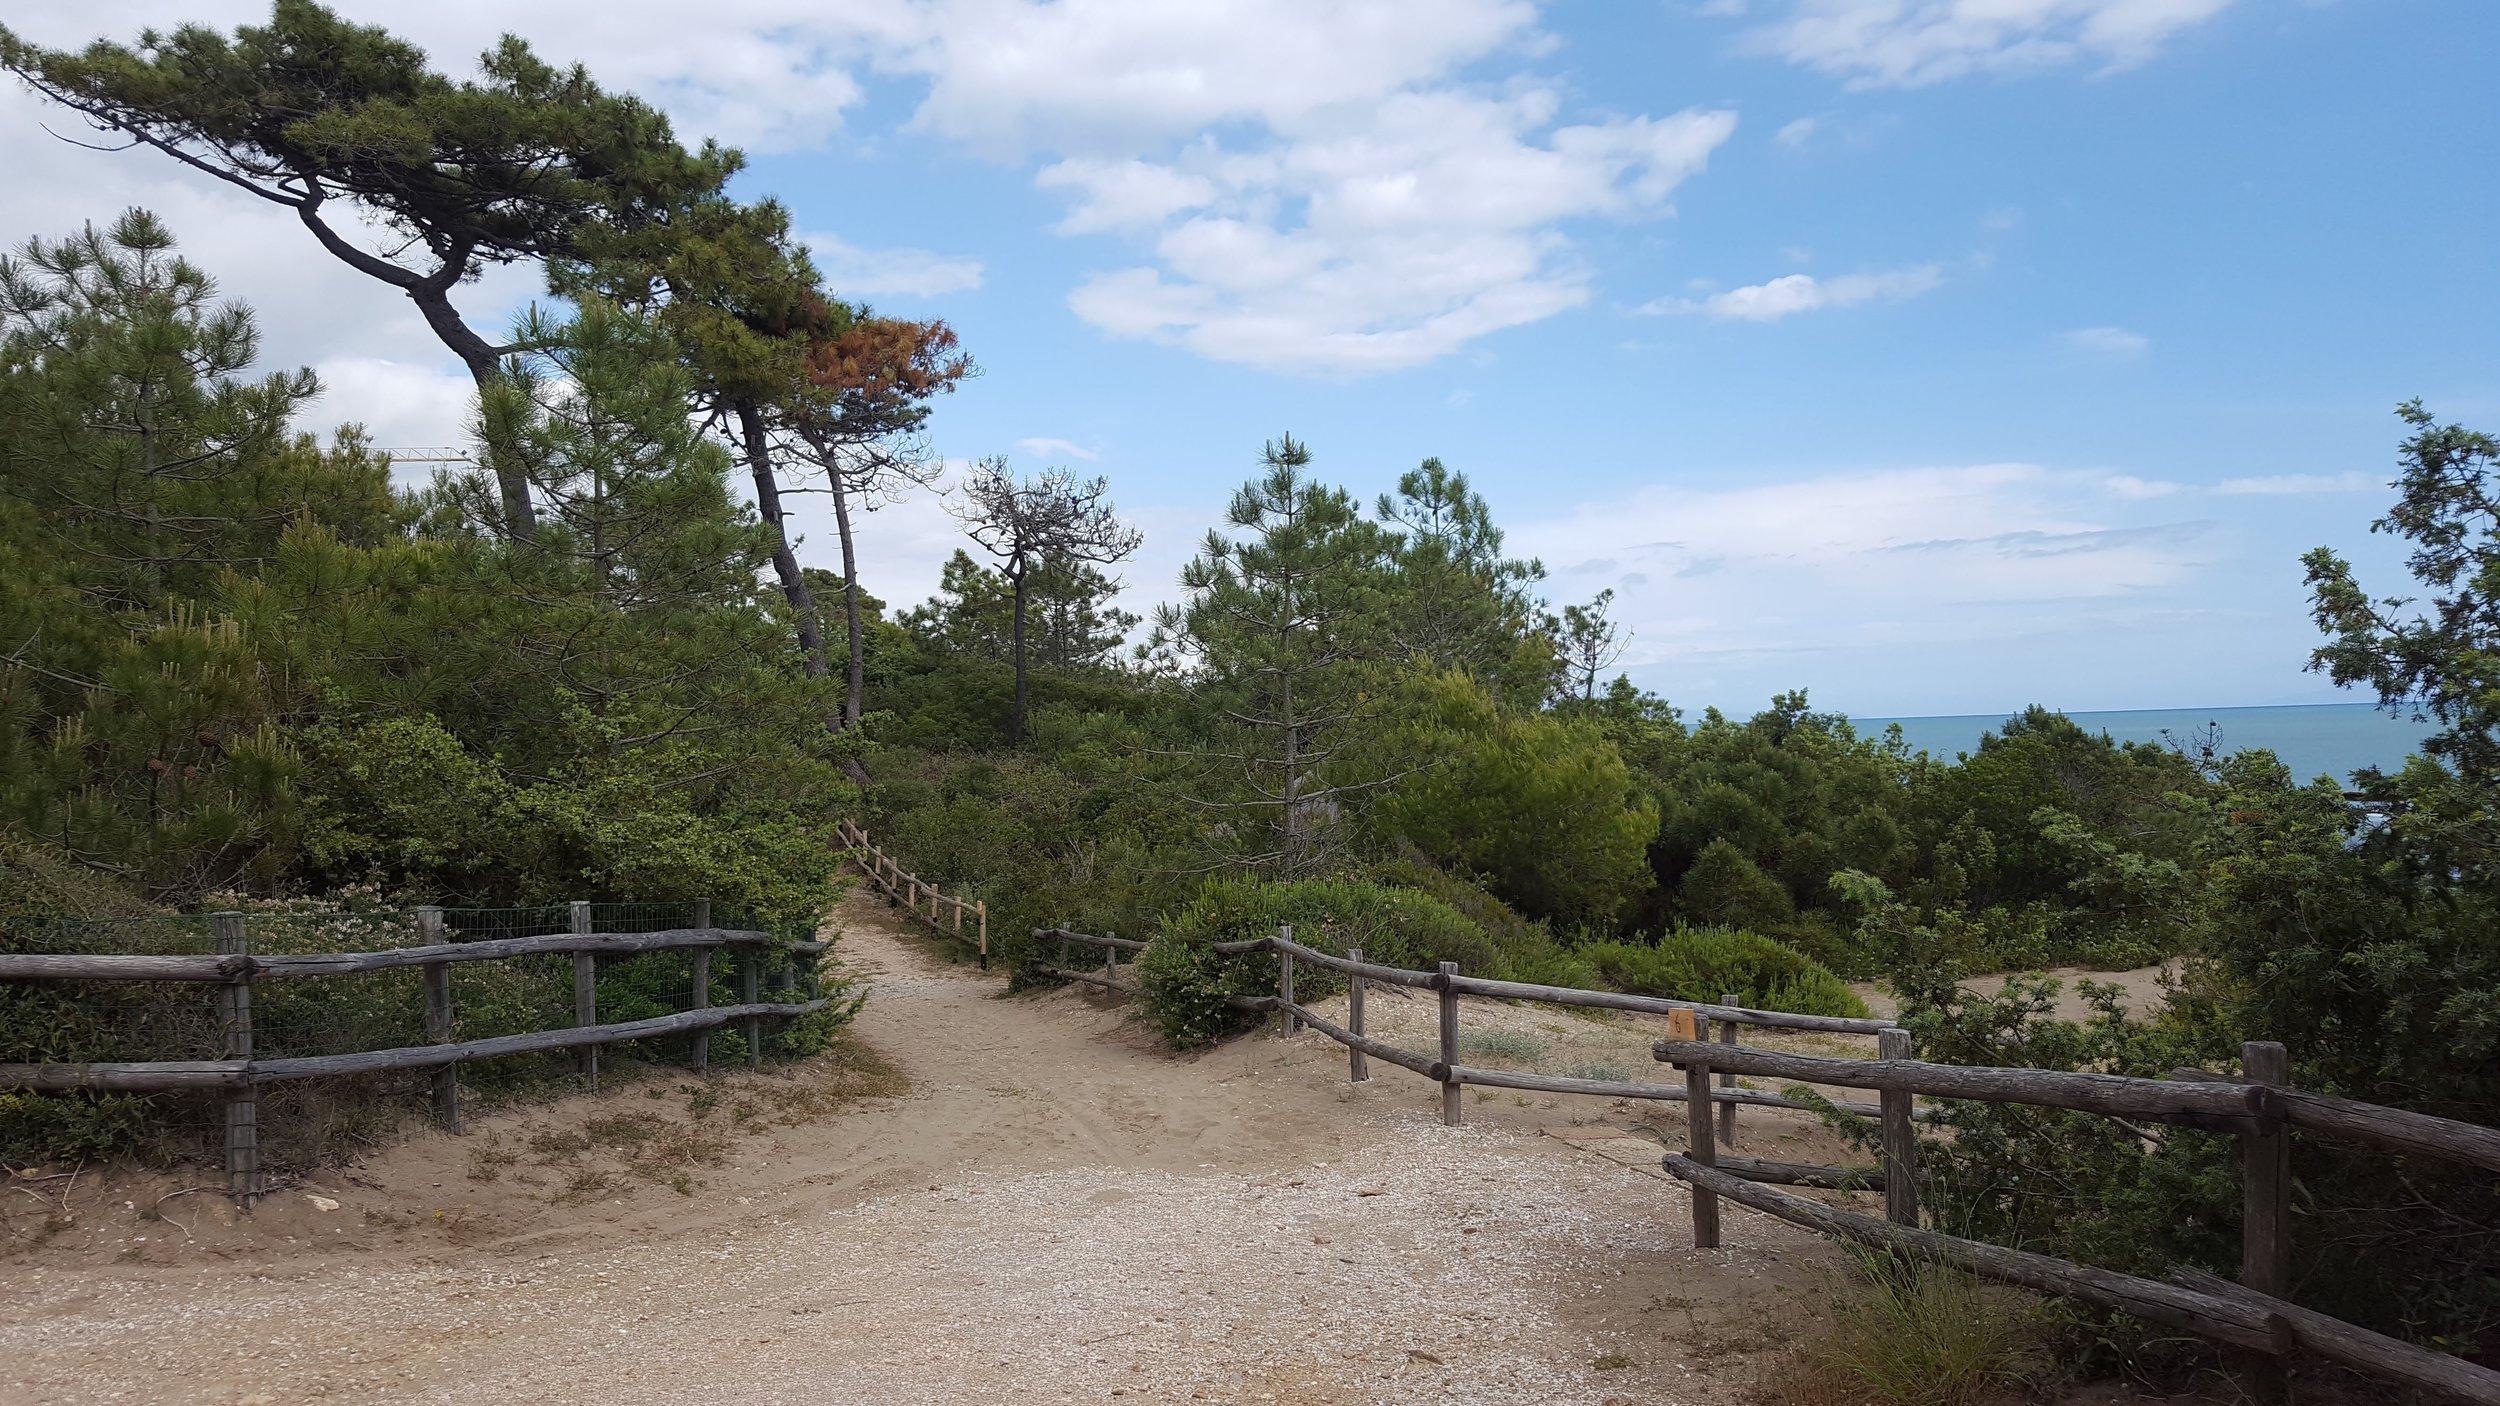 Luigi Greco Architetto - La Casa della Cicala - art in nature - Ambienta 2016 - Roccamare - Castiglione della Pescaia - arte naturale 1.jpg